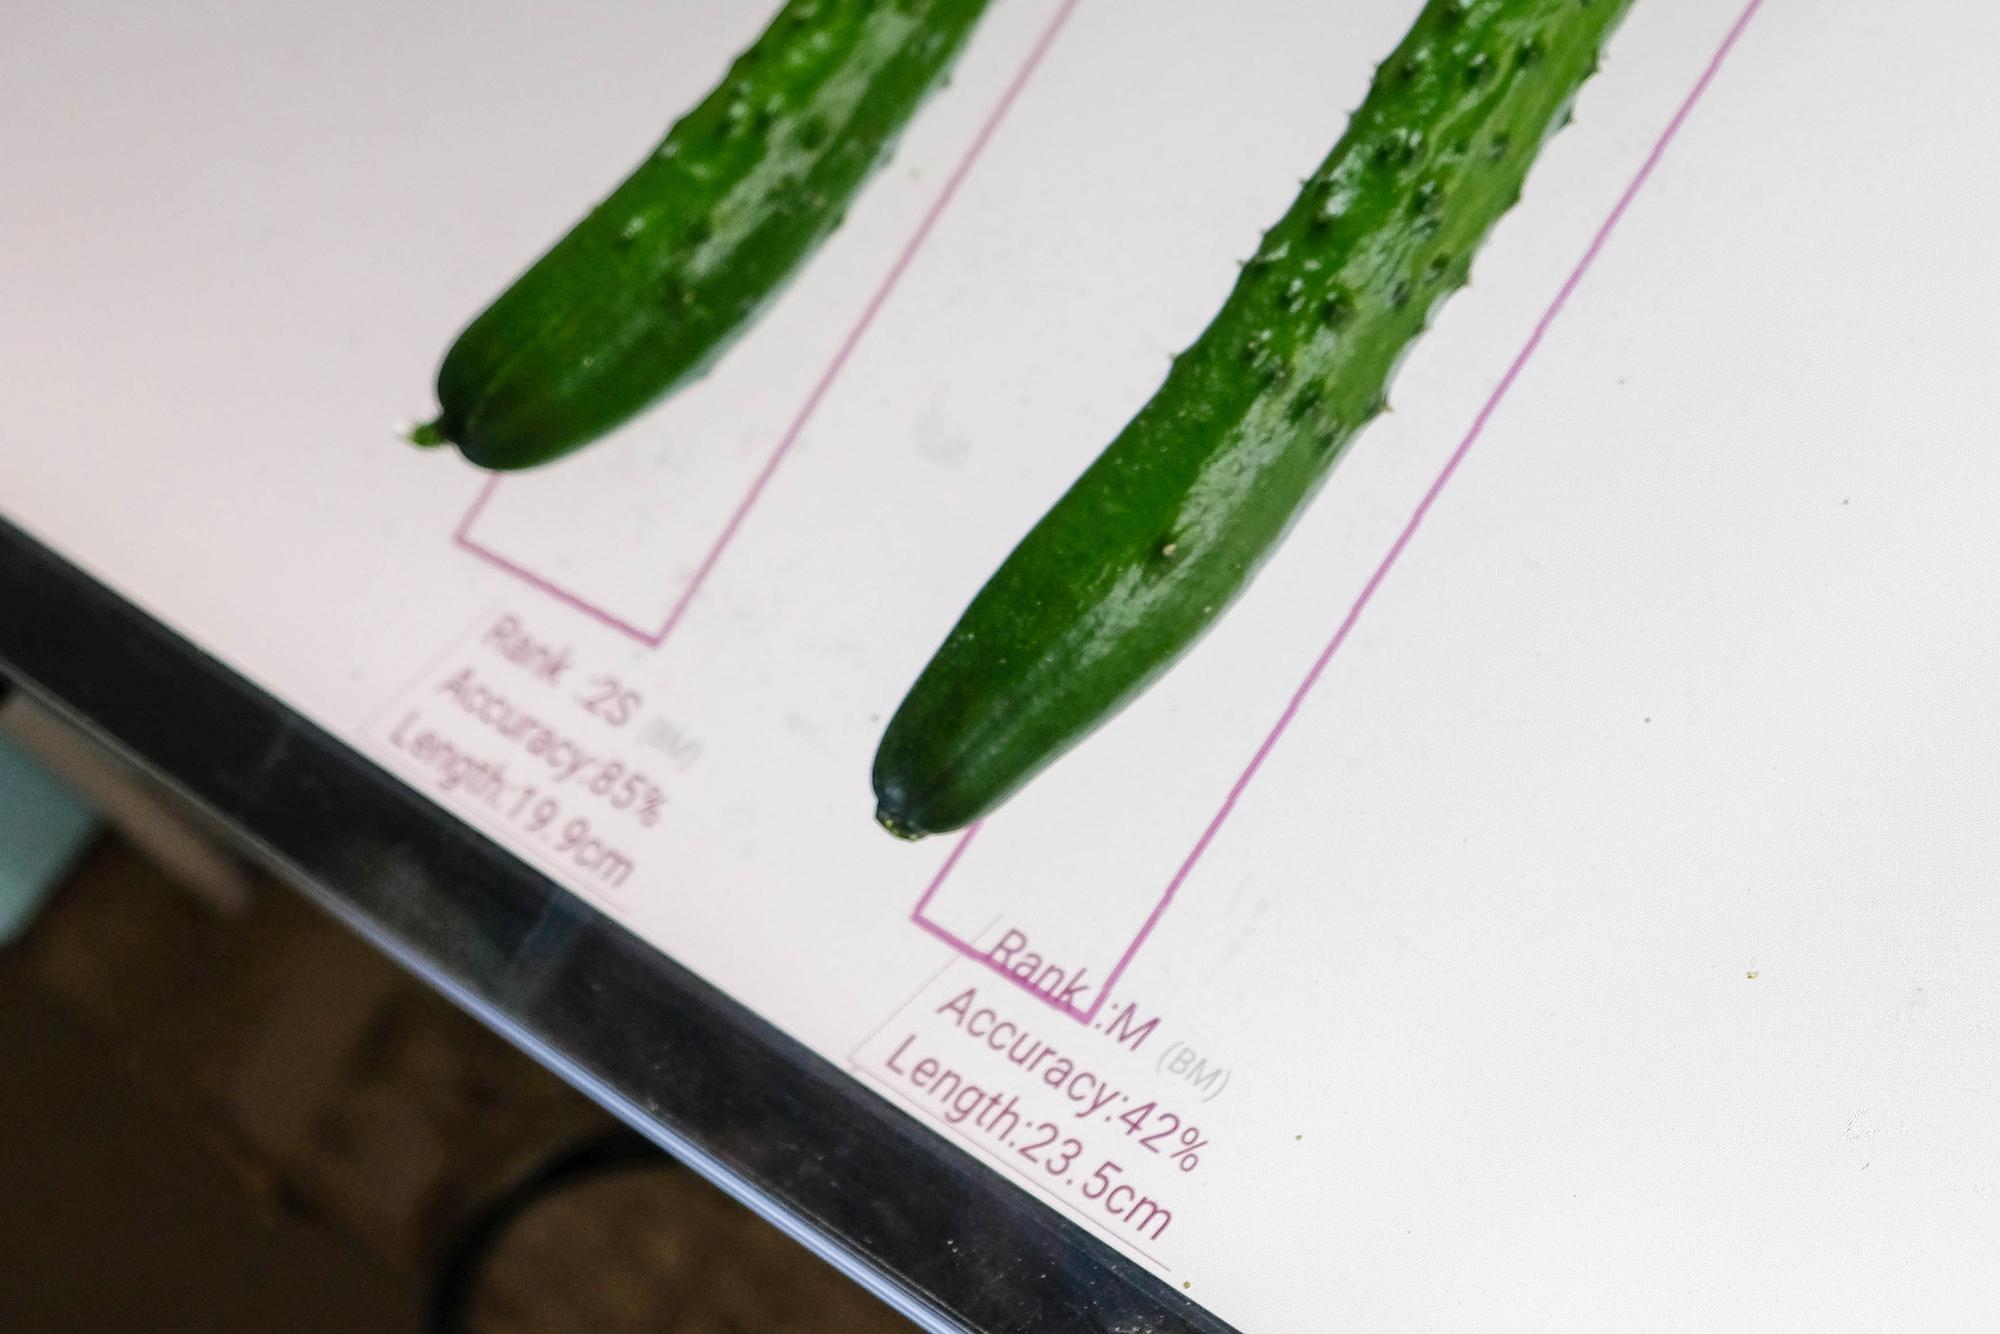 テーブルにきゅうりを置くと、2~3秒でその下に等級が表示される。複数のきゅうりを同時に判別できる